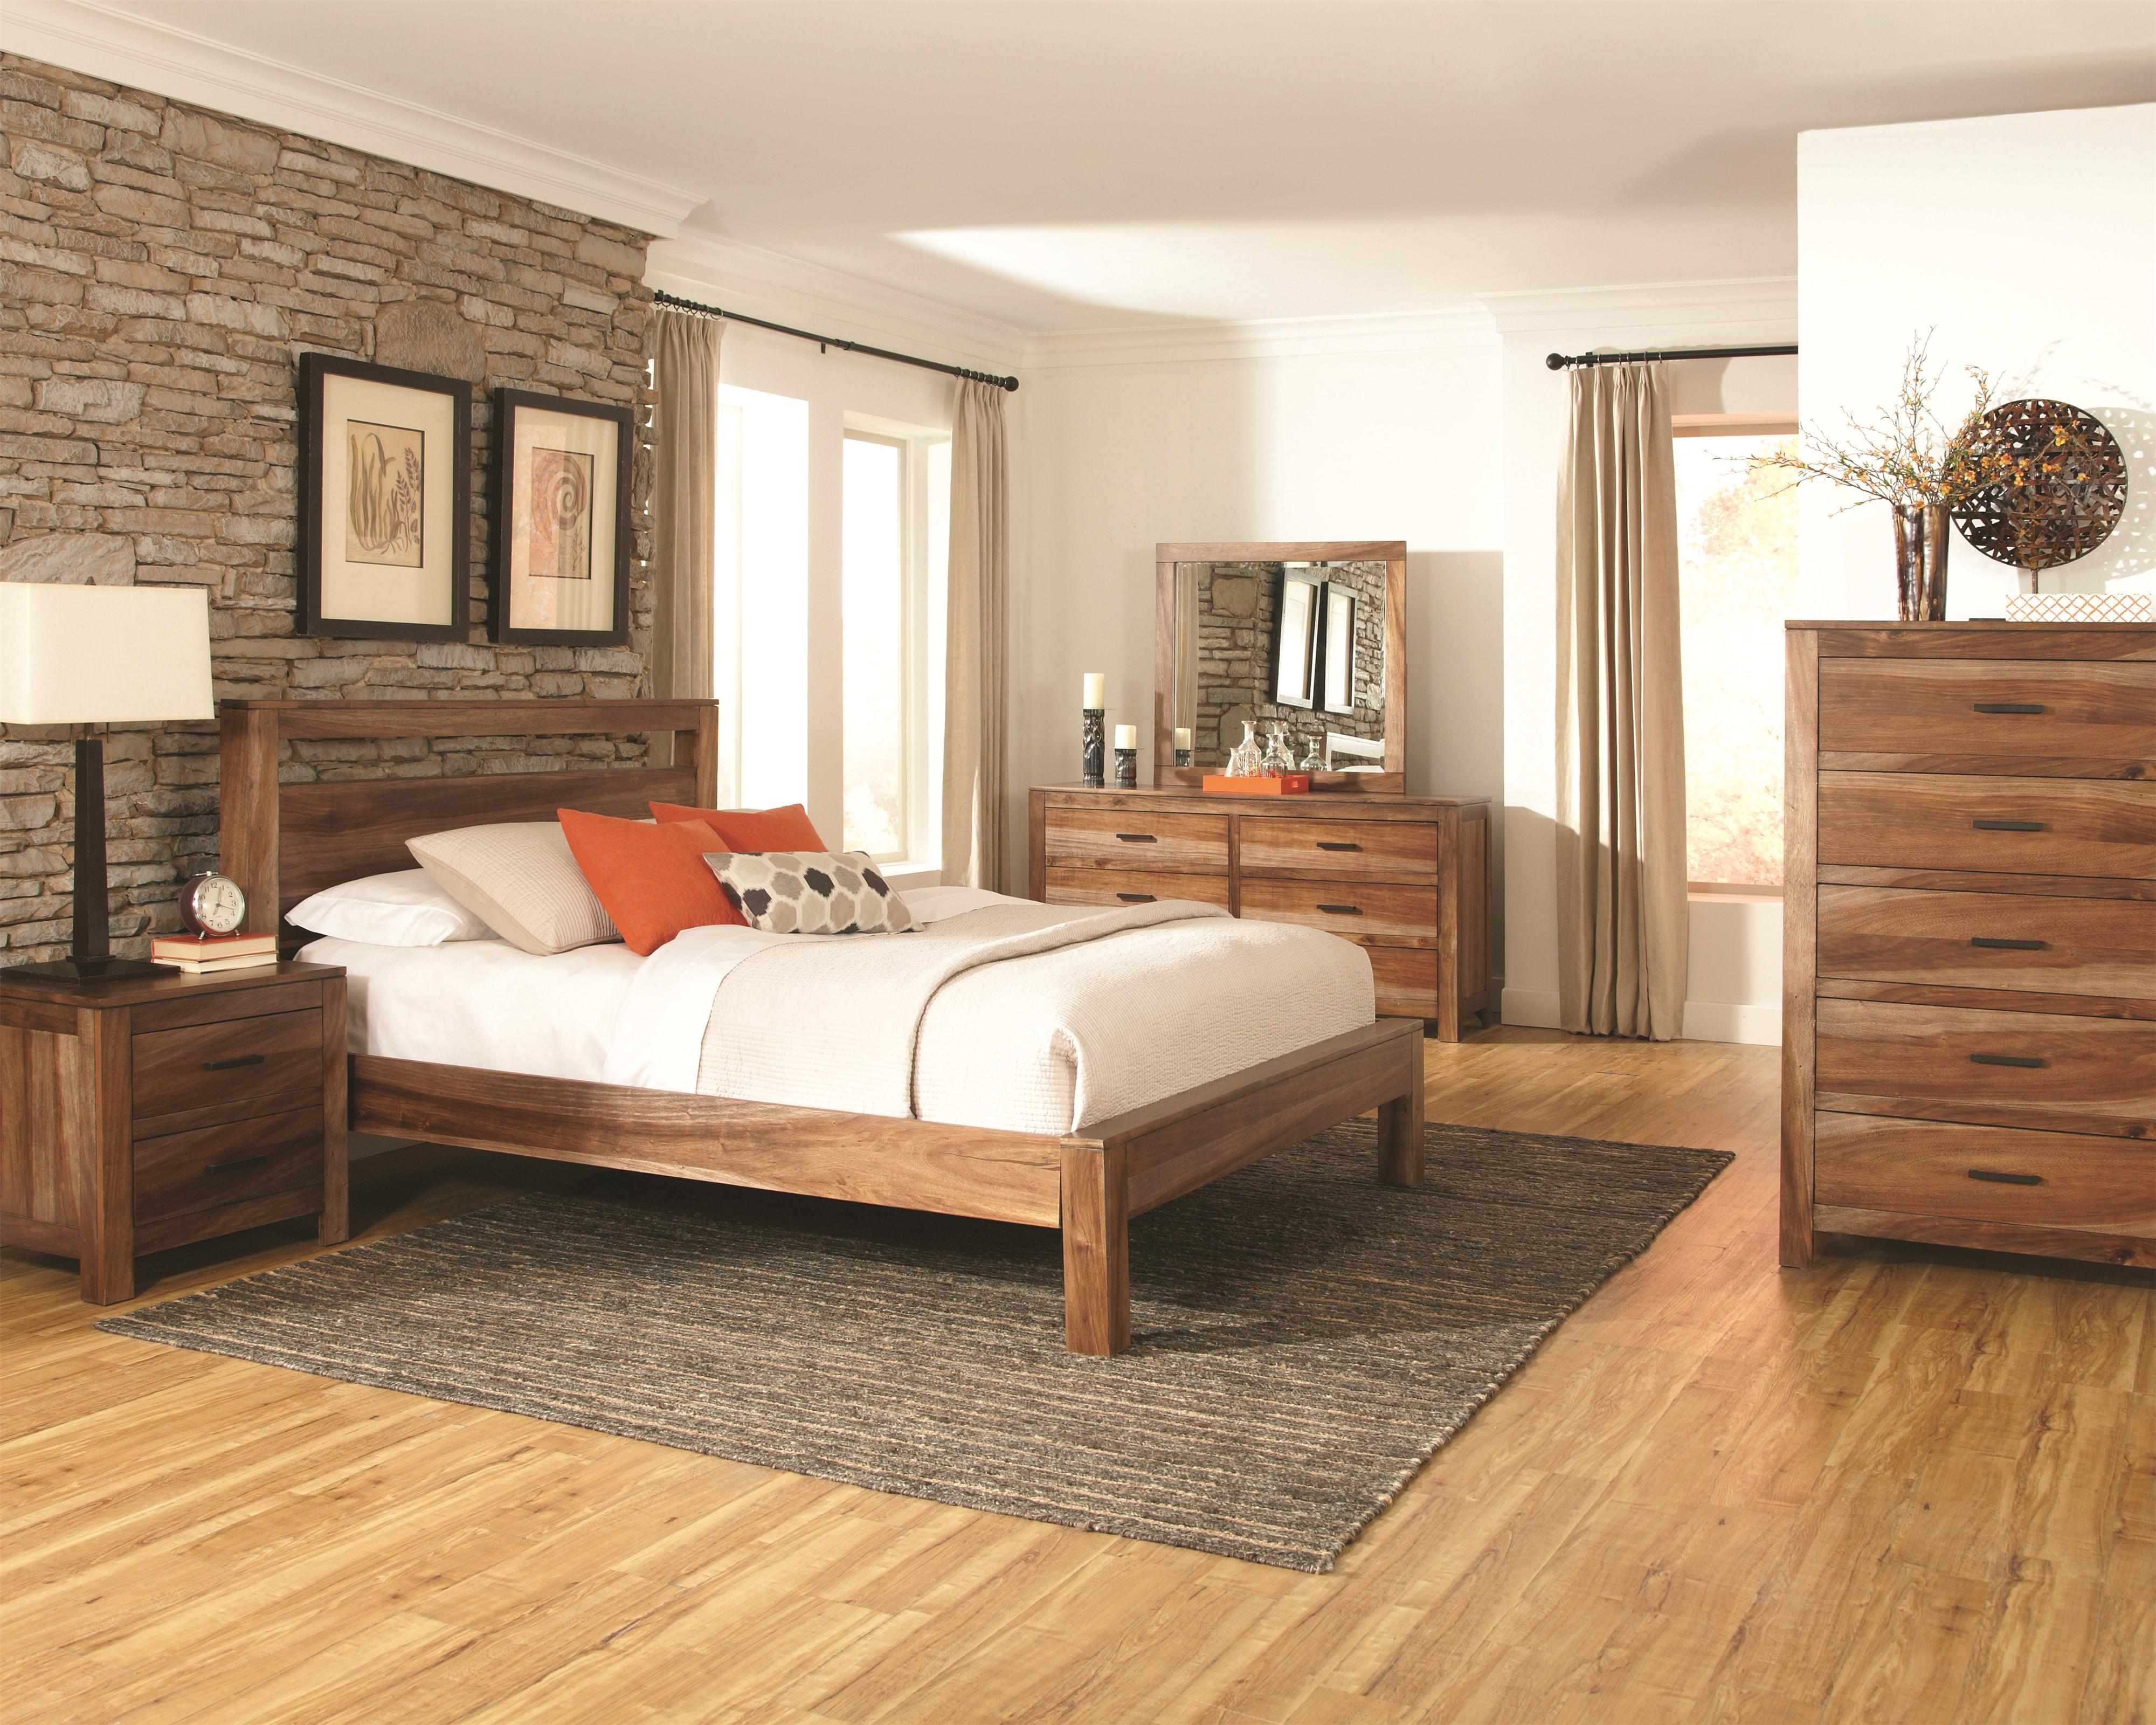 Coaster Peyton King Bedroom Group - Item Number: 20365 K Bedroom Group 1